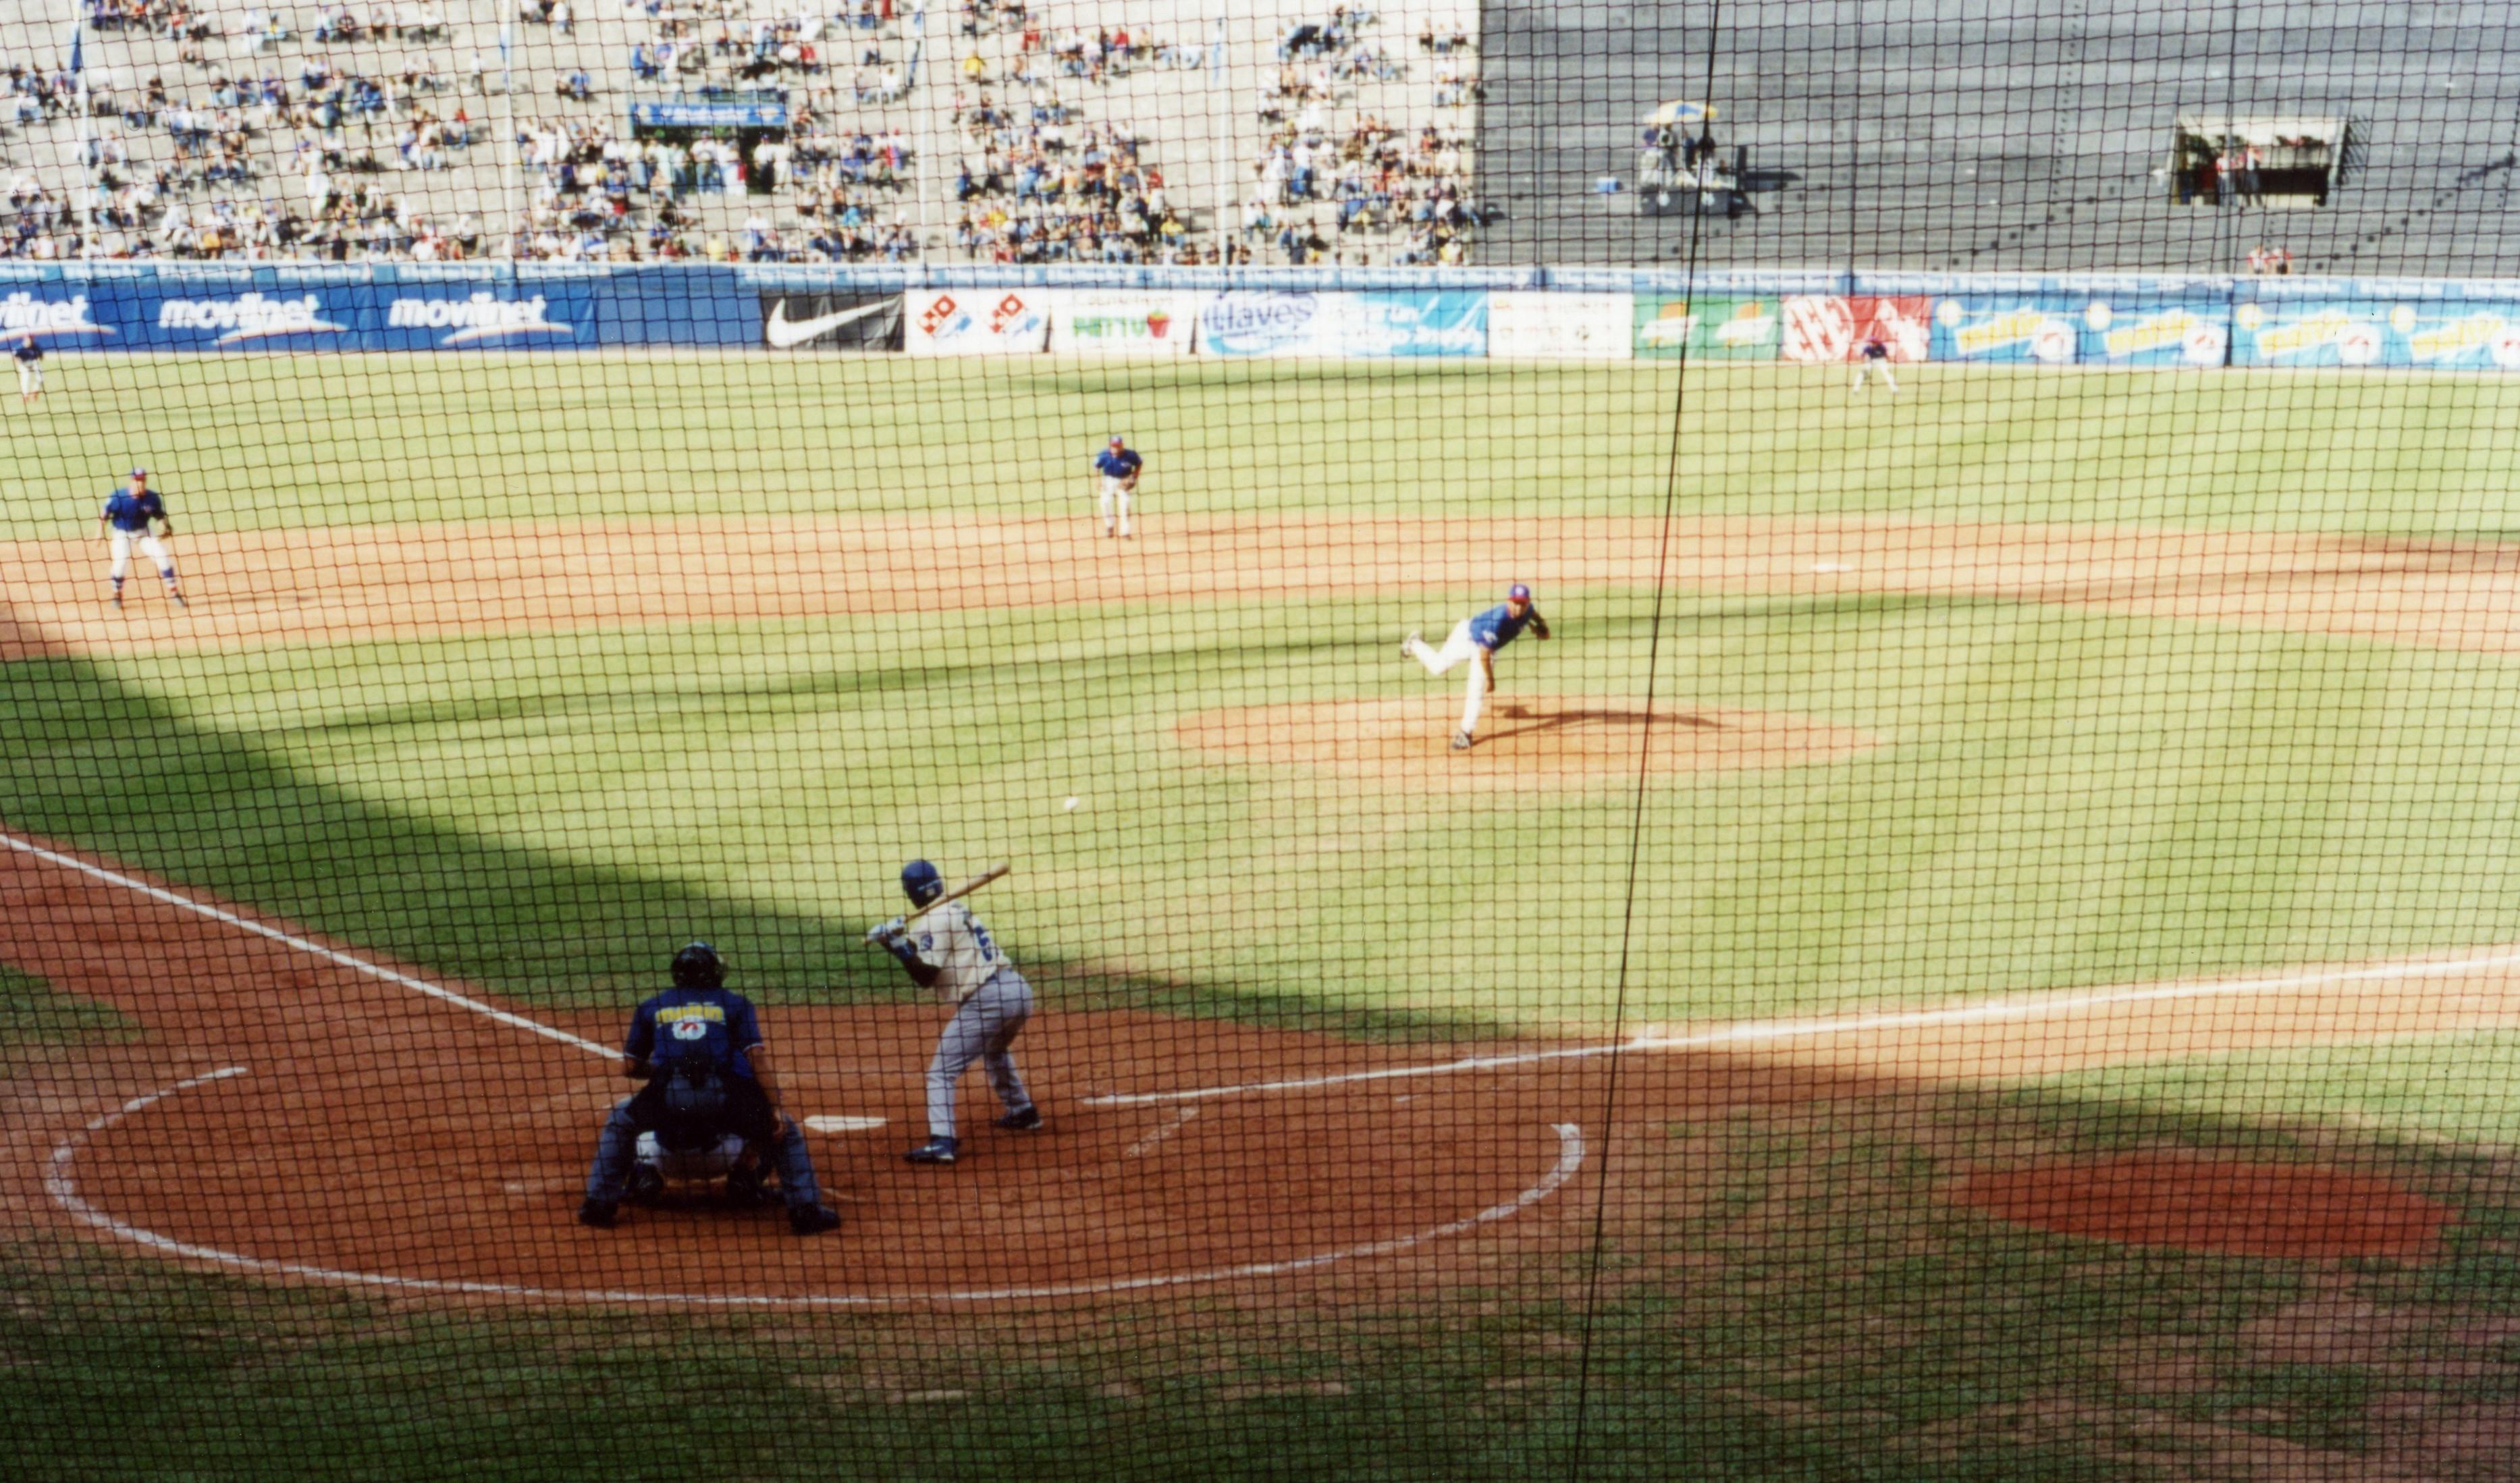 首都カラカスのウニベルシダッド球場で行われるレオーネス対ティブロネスのダービーマッチはベネズエラウィンターリーグの看板カードのひとつだ。